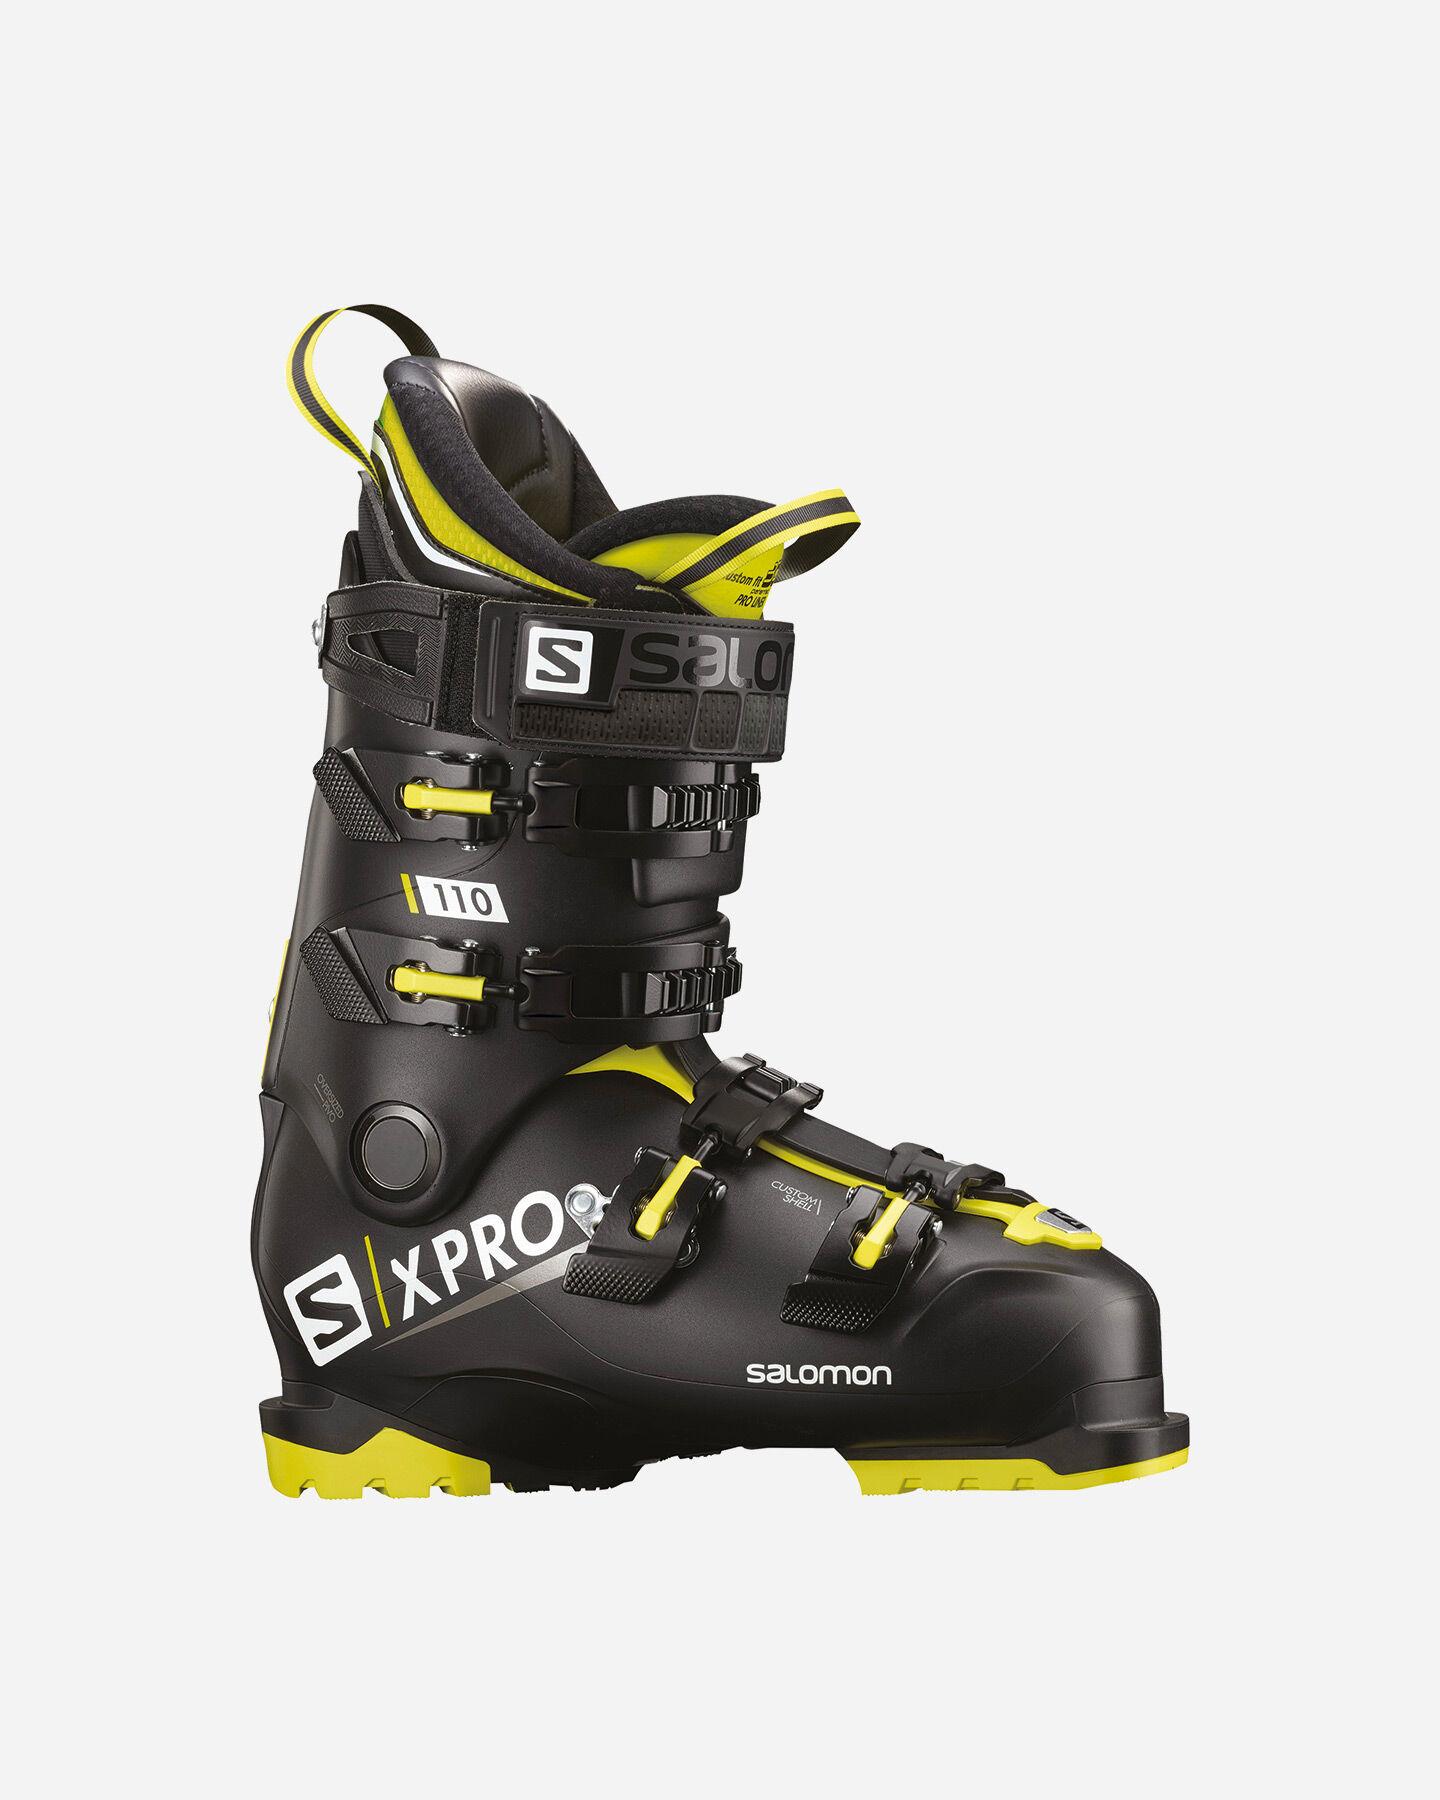 new product 755b0 3813c Abbigliamento Cisalfa Salomon E Scarponi Sport Sci Sci Trekk